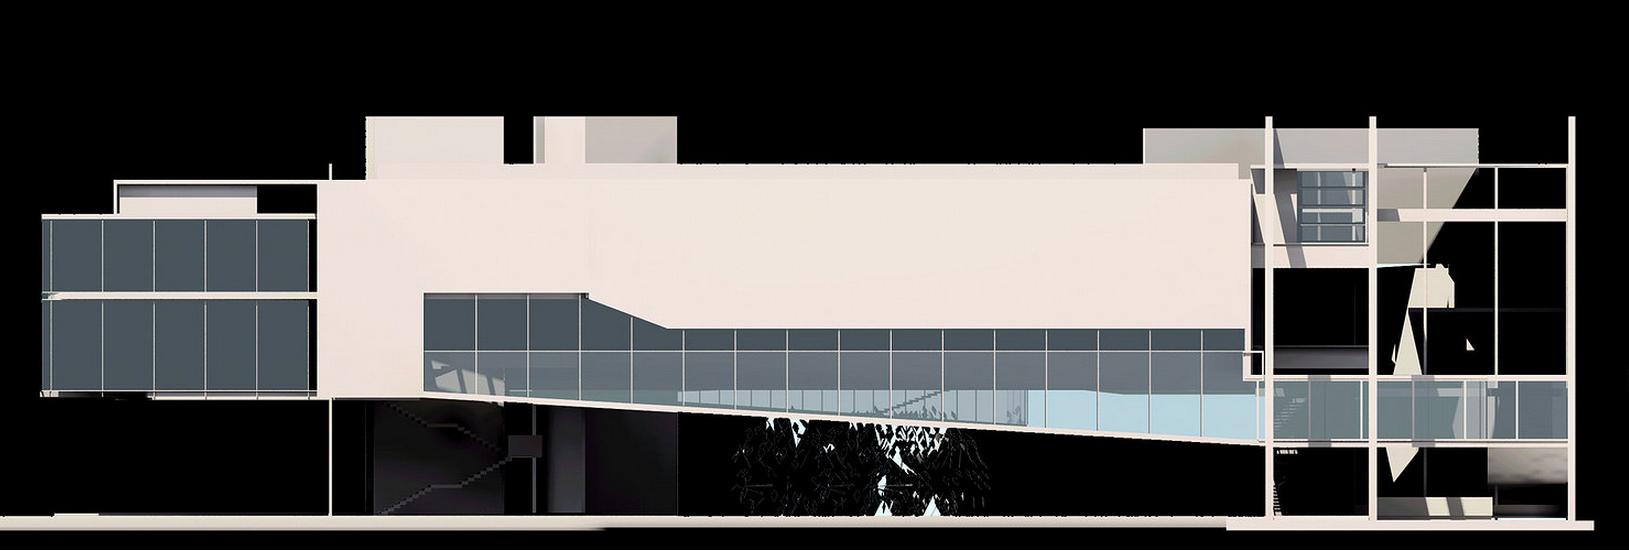 האגף החדש למוזיאון תל אביב _2004 (13).png